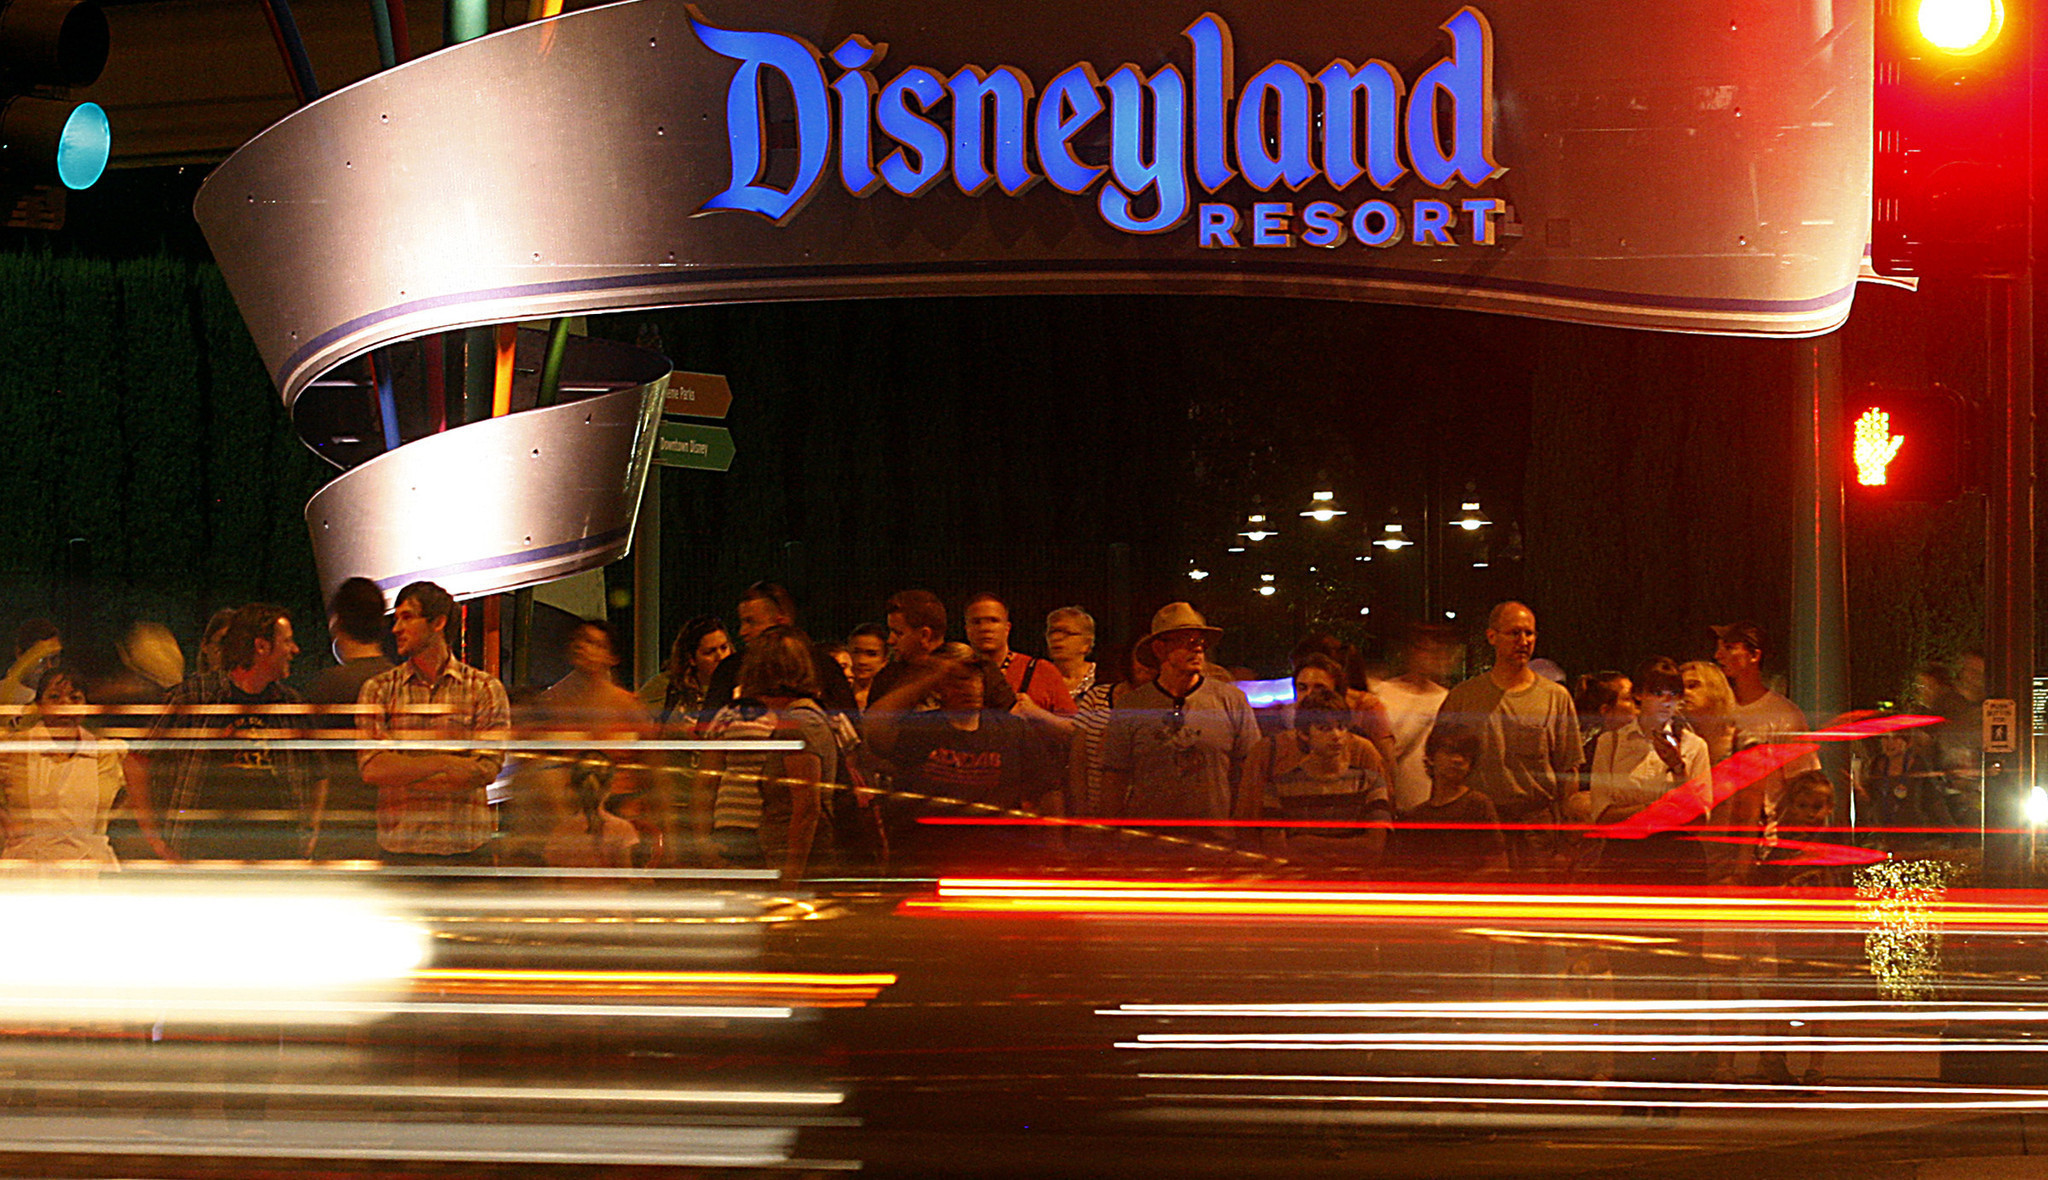 Donald Trump faces battleground in Disneylands hometown LA Times